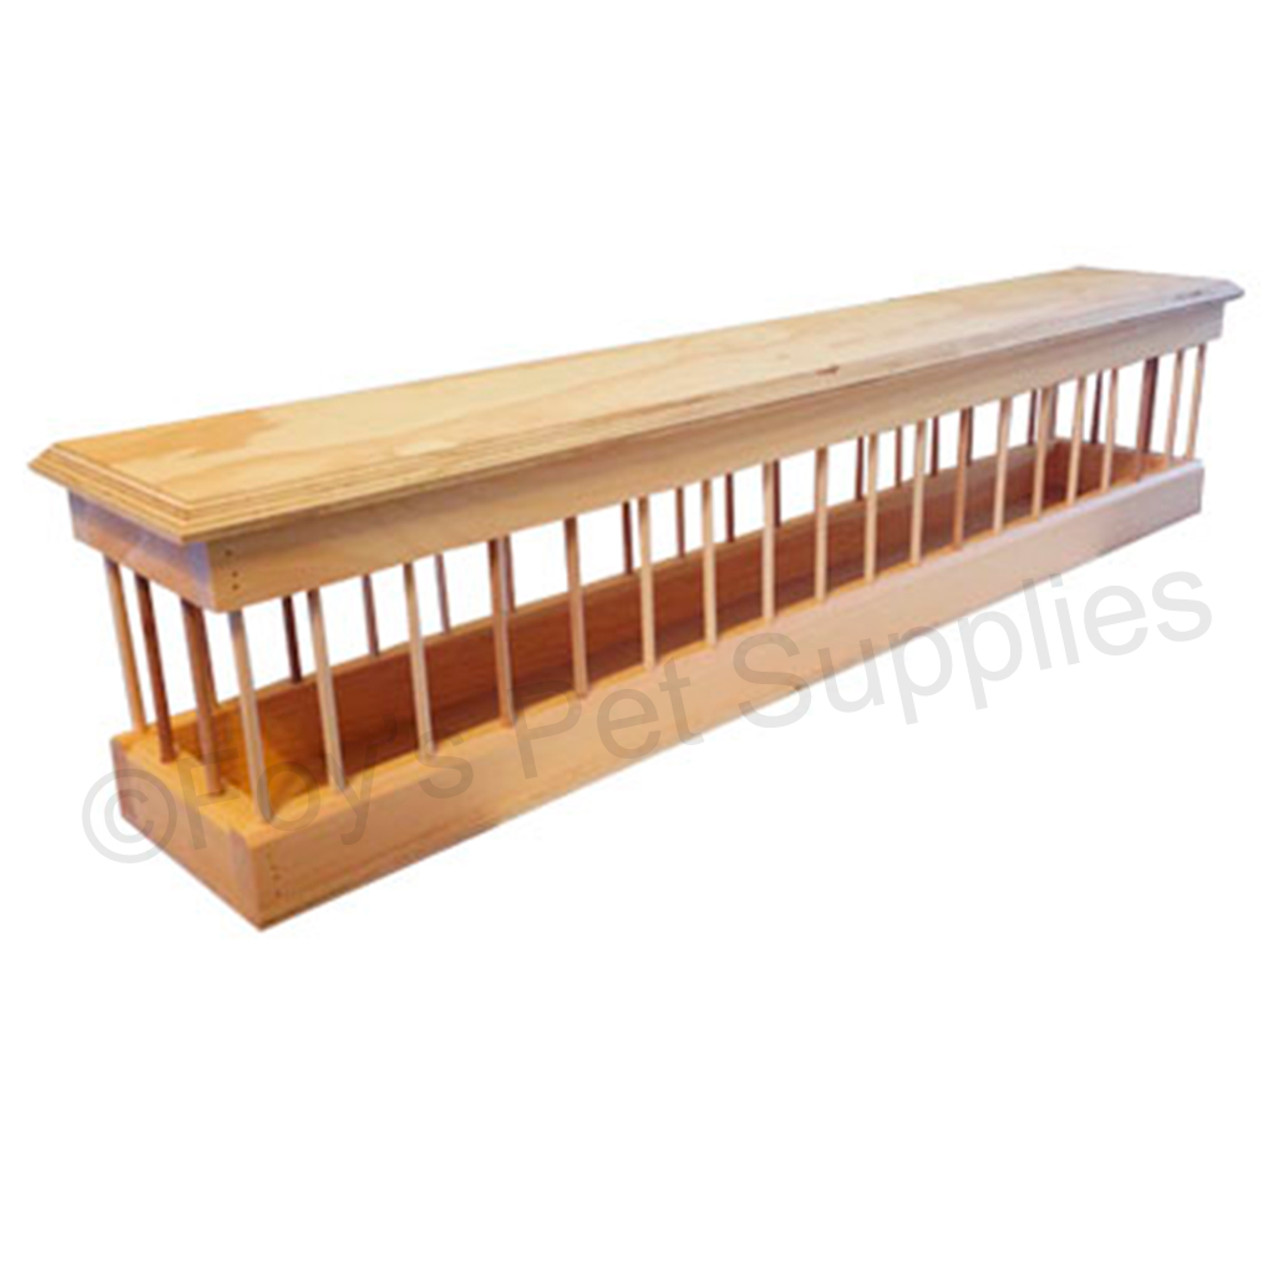 36 inch Wood Feeder